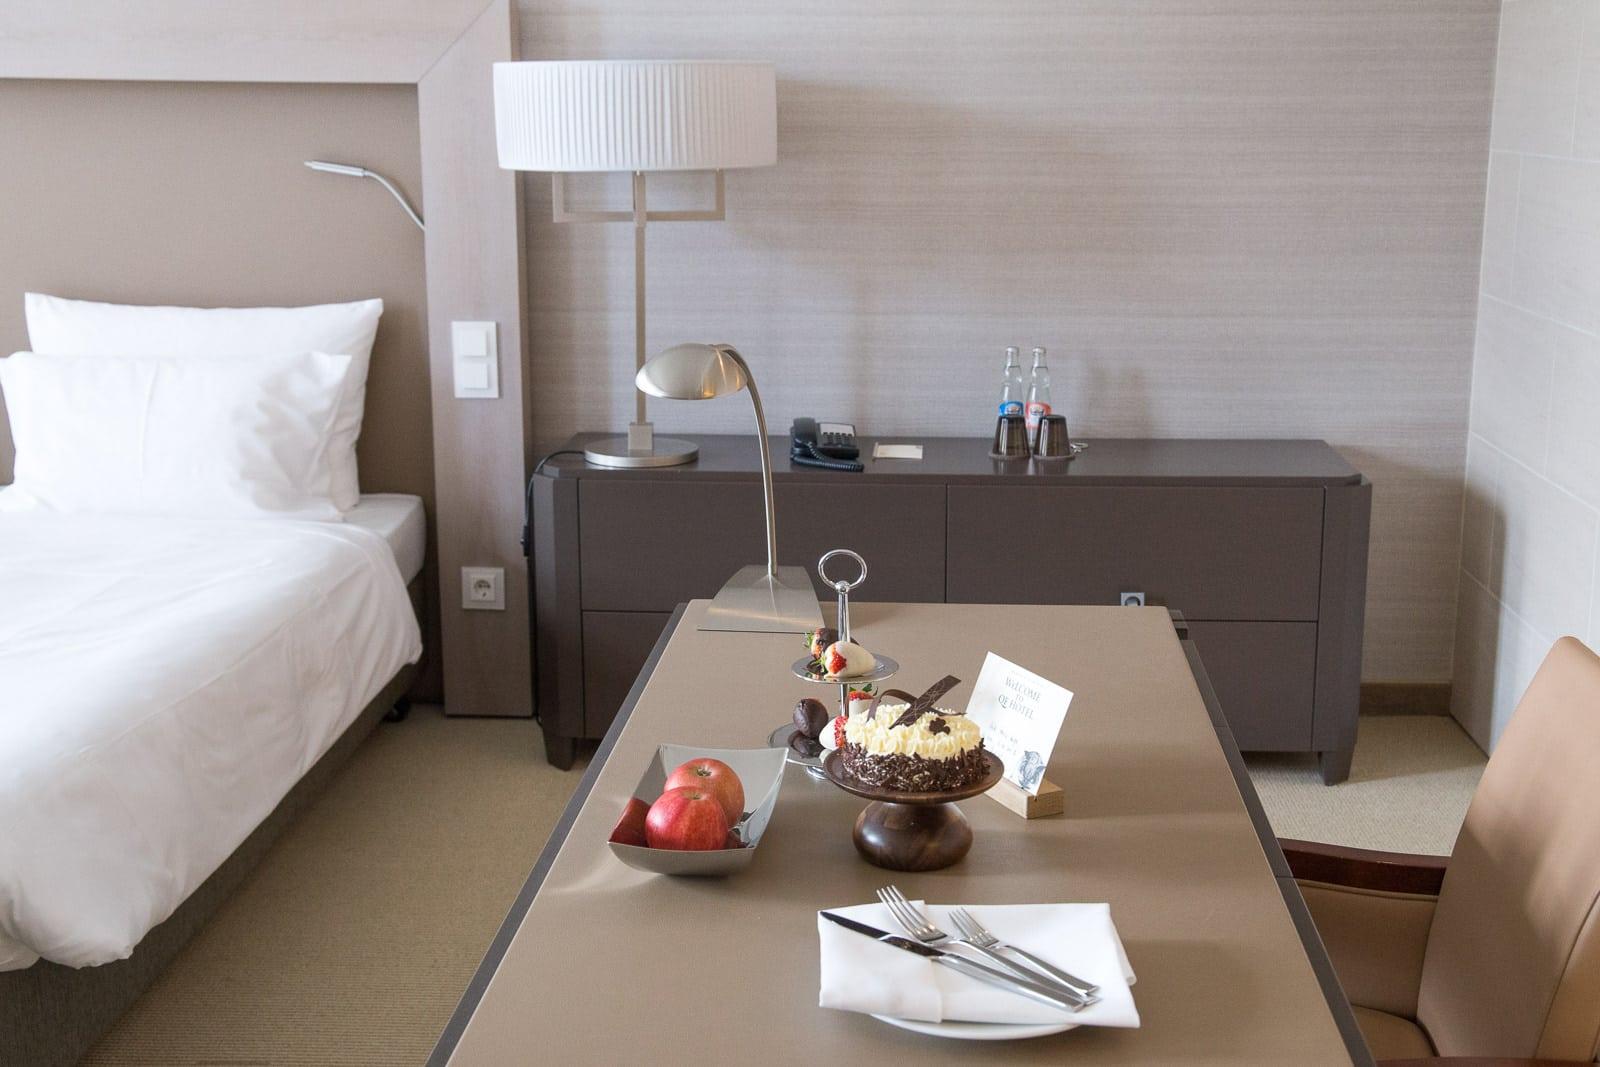 Städtereise nach Dresden: Das QF Hotel im Herzen der Stadt